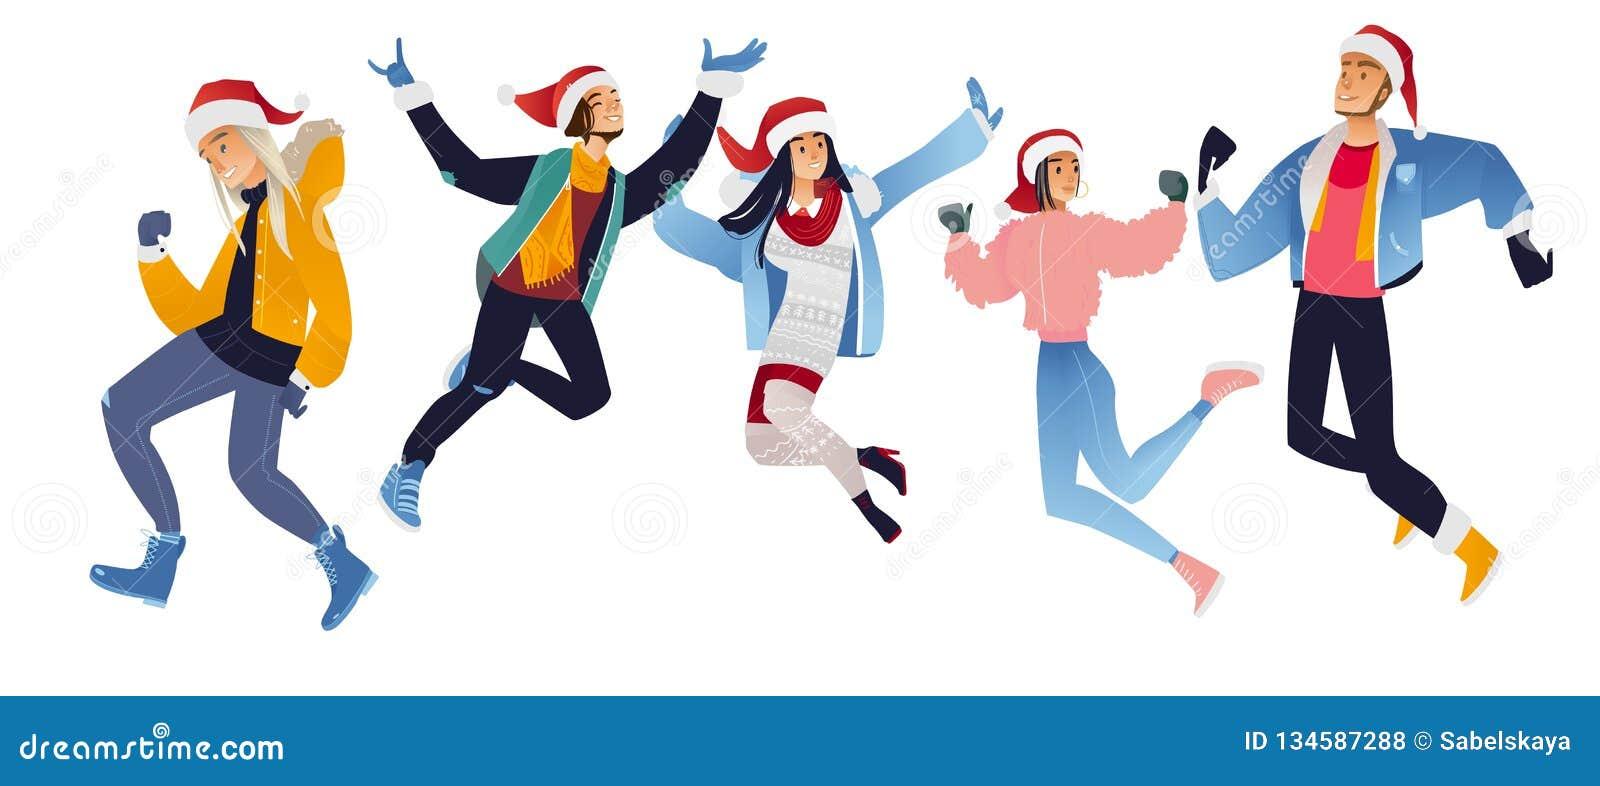 Vektorillustrationssatz glückliche junge Leute in Santa Claus-Hüten, die Spaß springen und haben